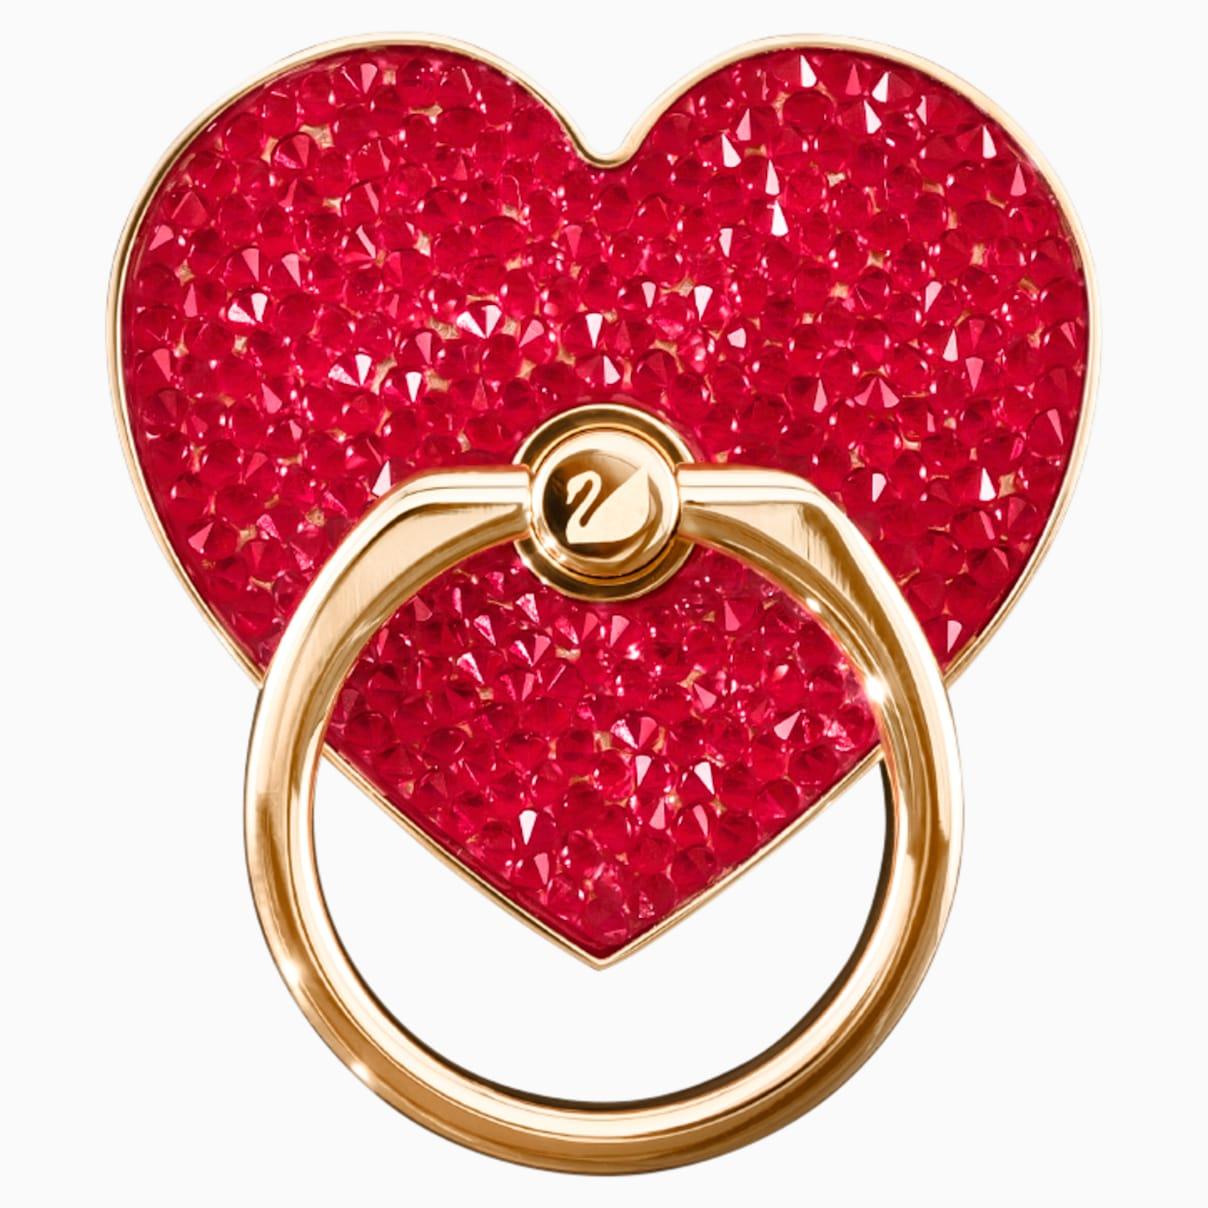 Anneau autocollant Glam Rock, rouge, combinaison de métaux plaqués